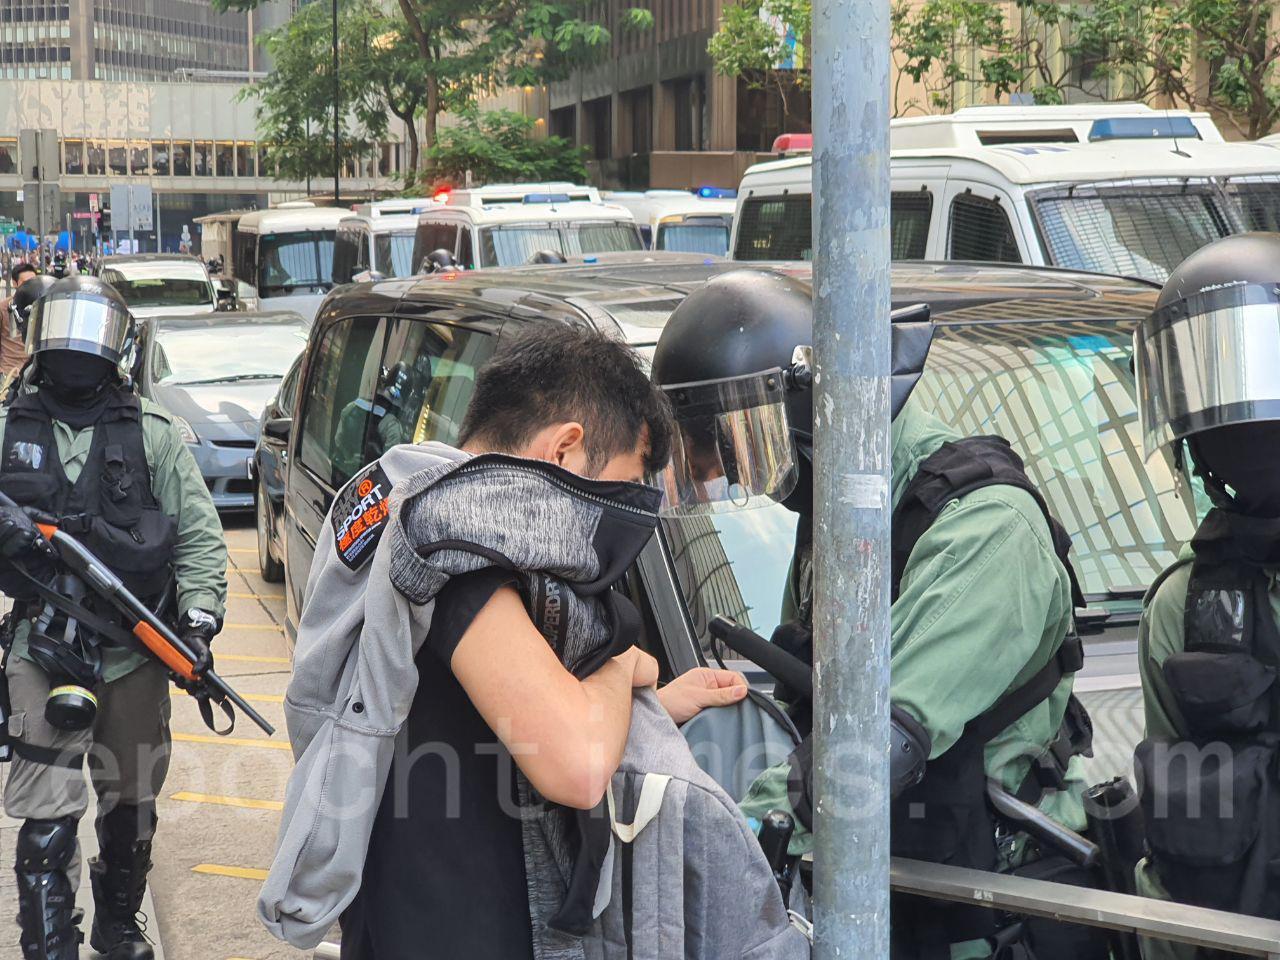 11月14日香港市民各區發生三罷活動,防暴警四處截查、抓捕路人。圖為防暴警在中環截查市民。(孫明國/大紀元)